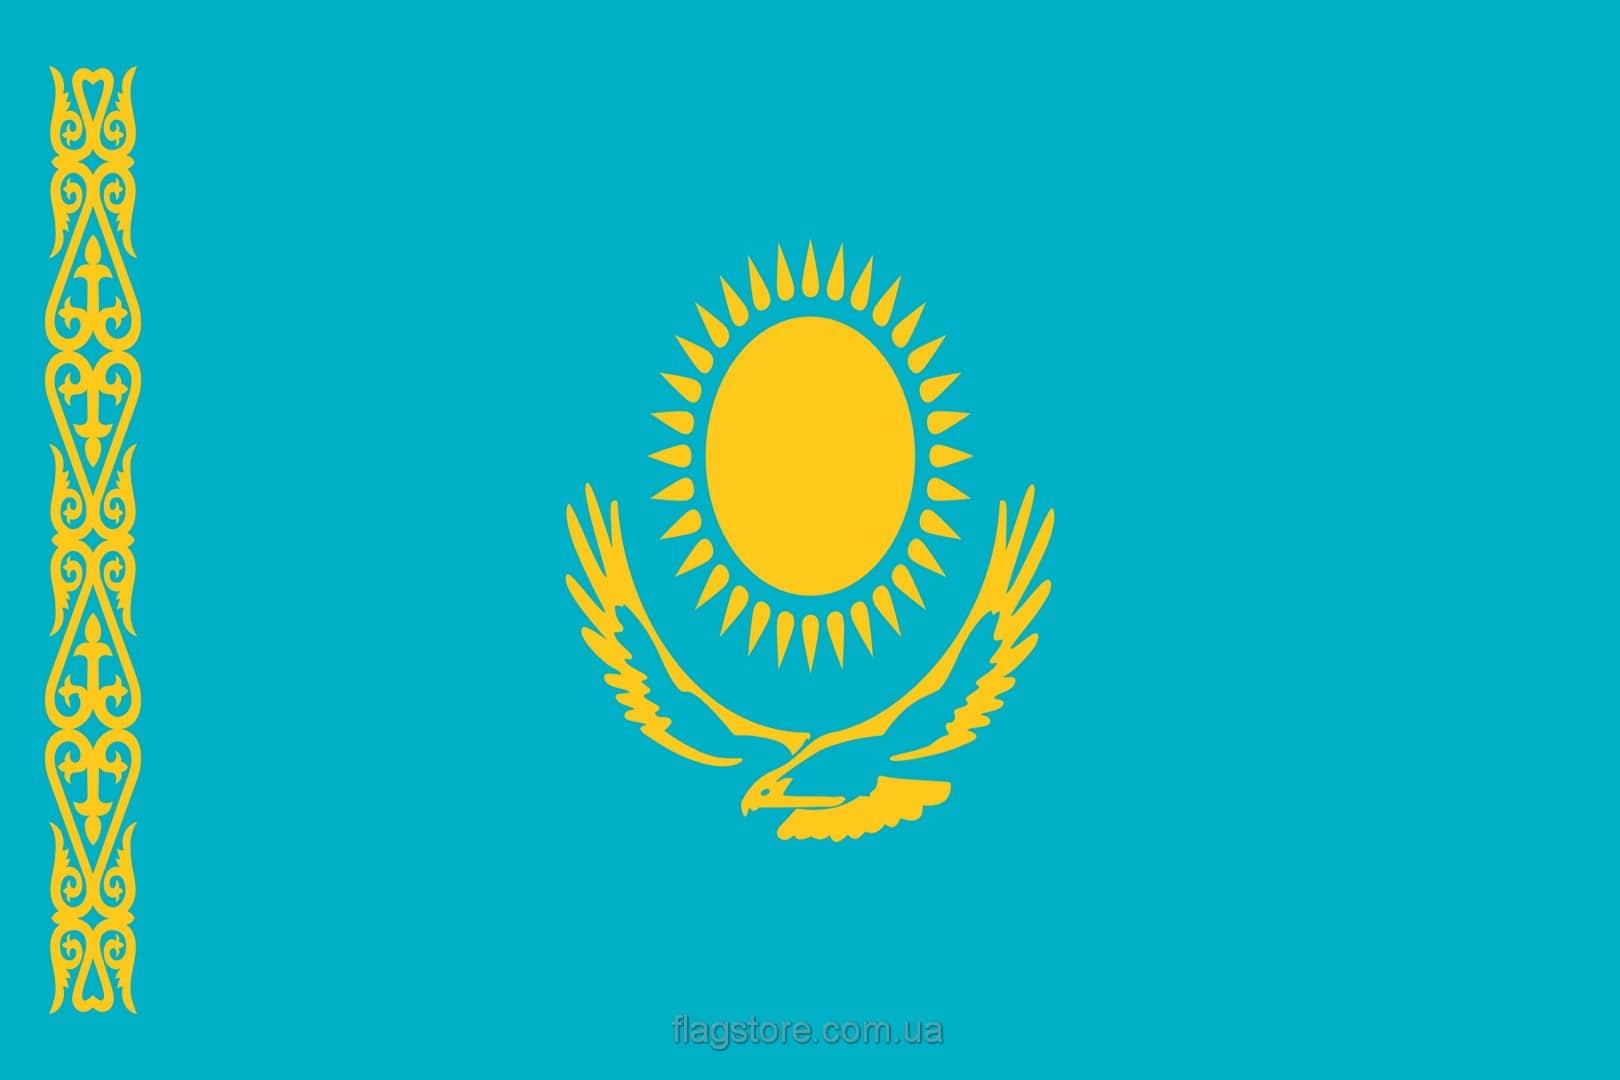 Купить флаг Казахстана (страны Казахстан)